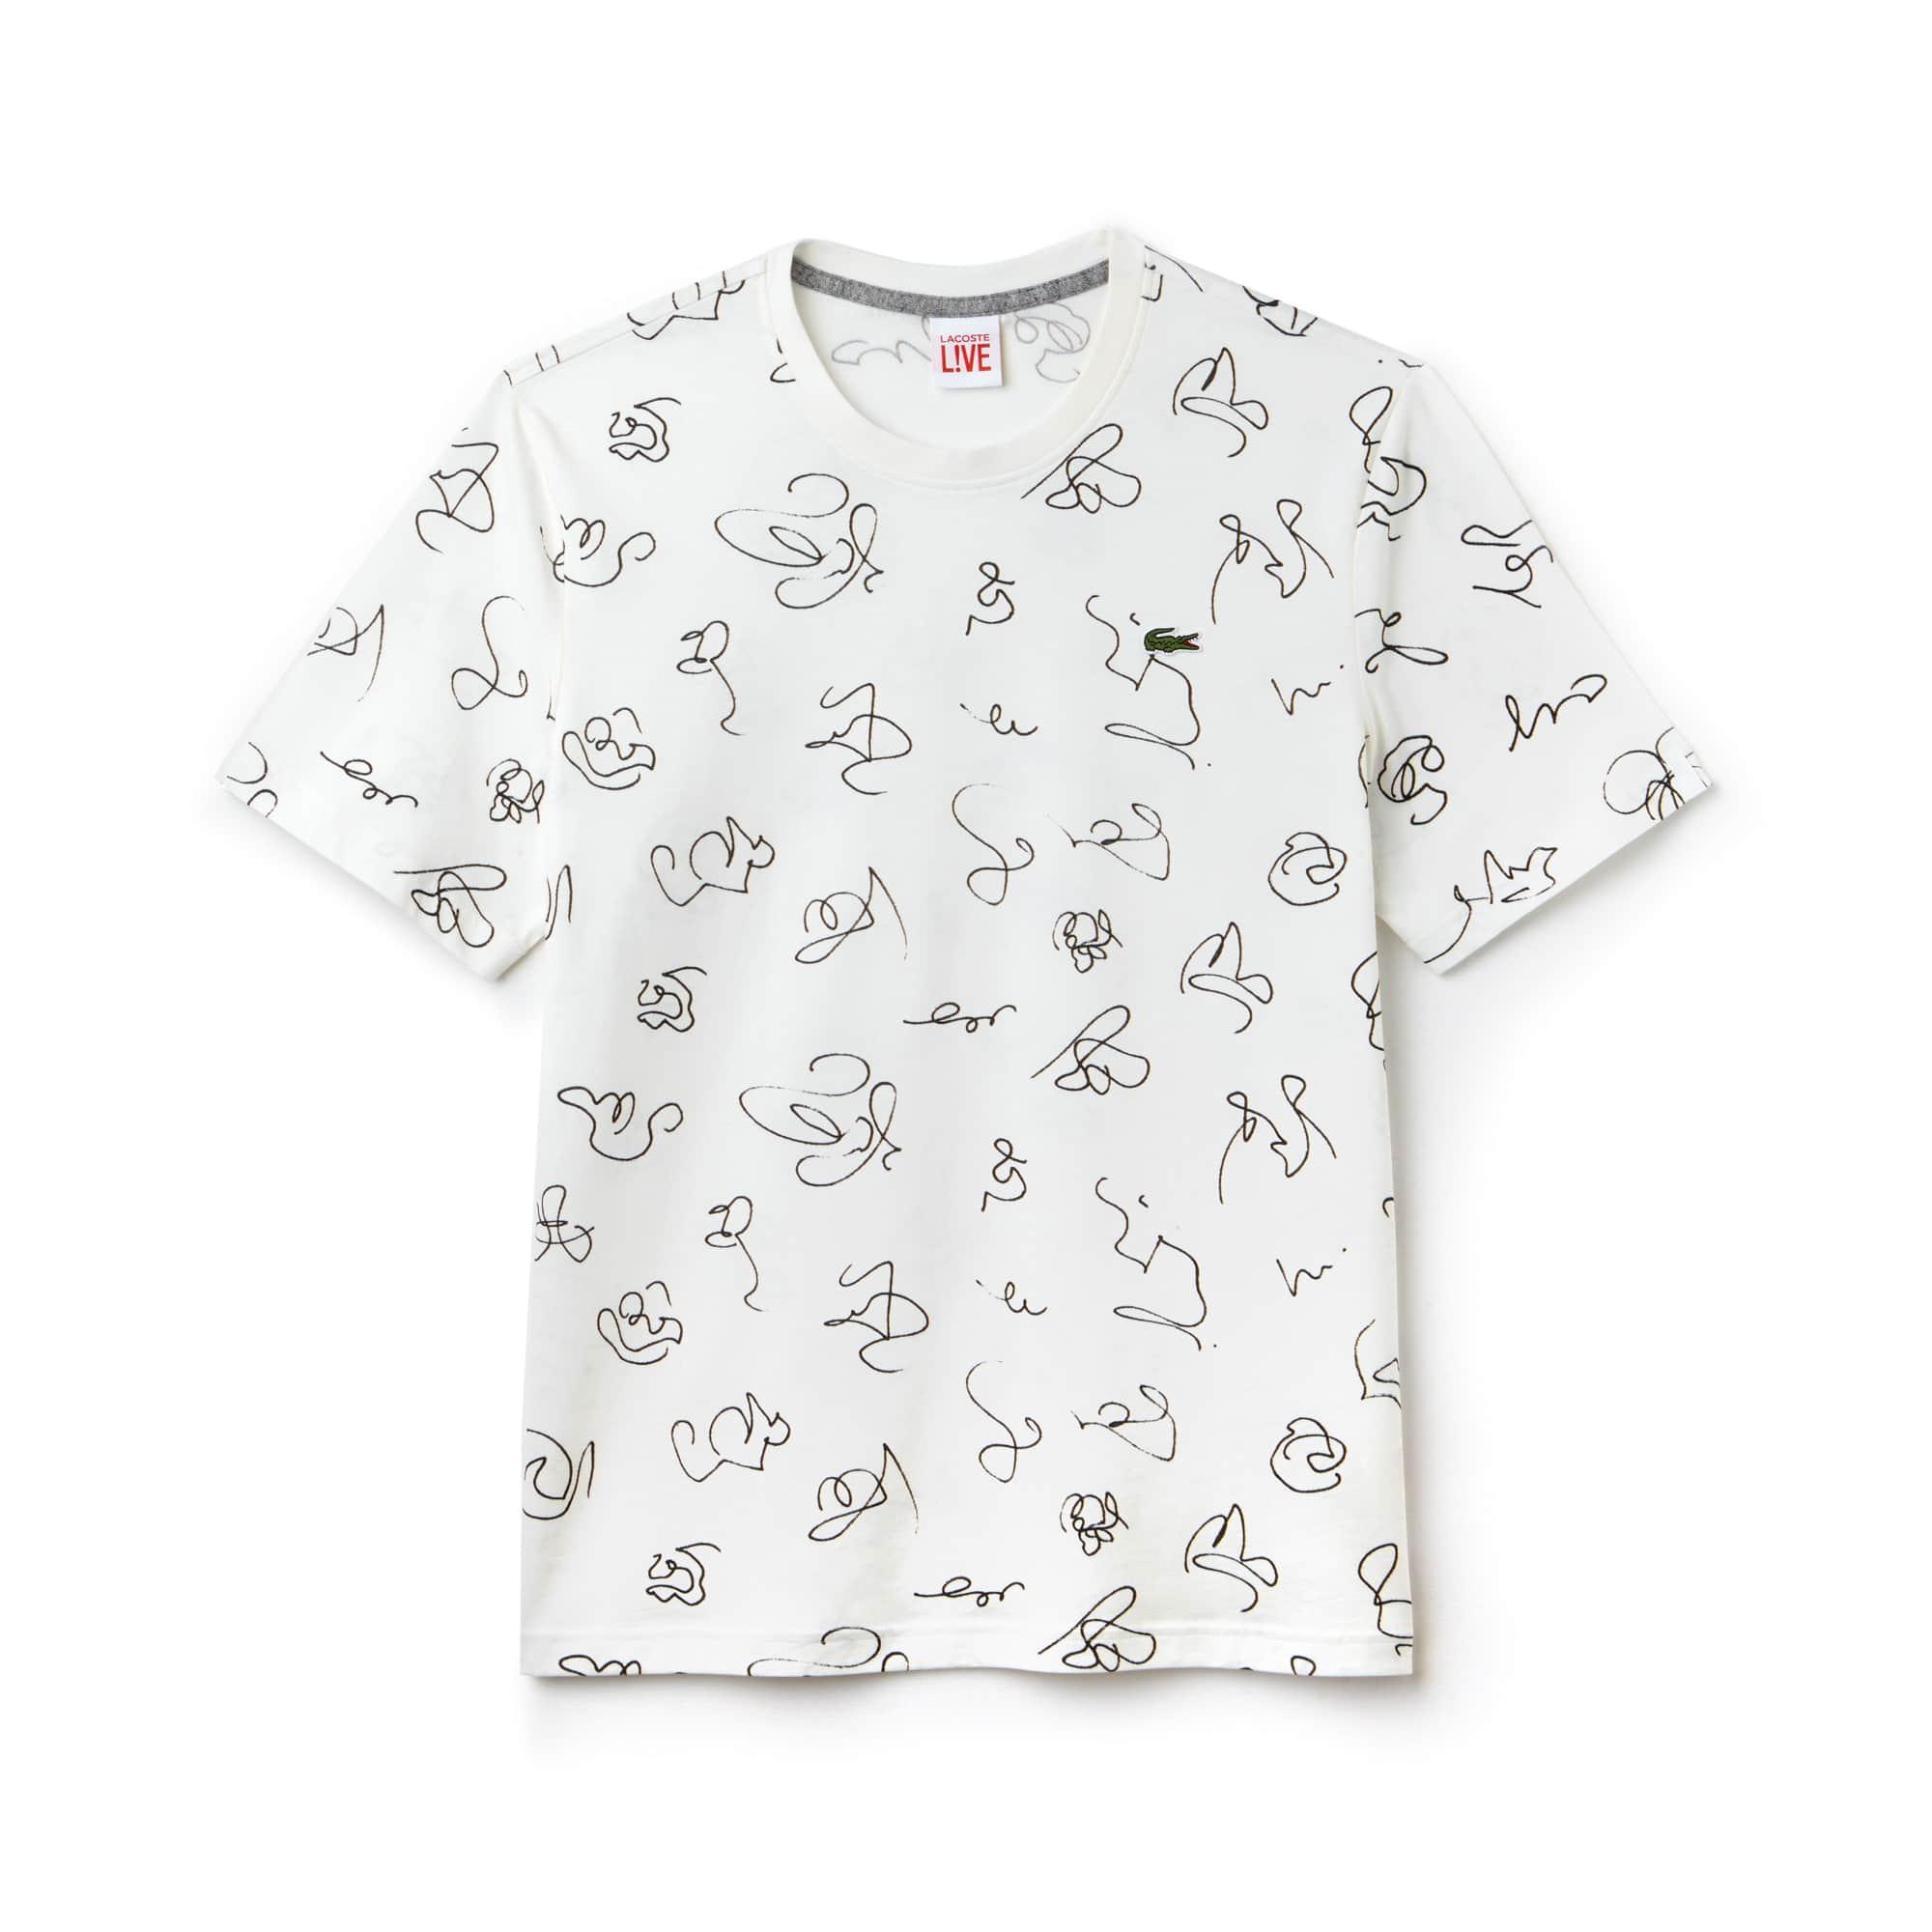 T-shirt a girocollo Lacoste LIVE in jersey di cotone con stampa di disegni